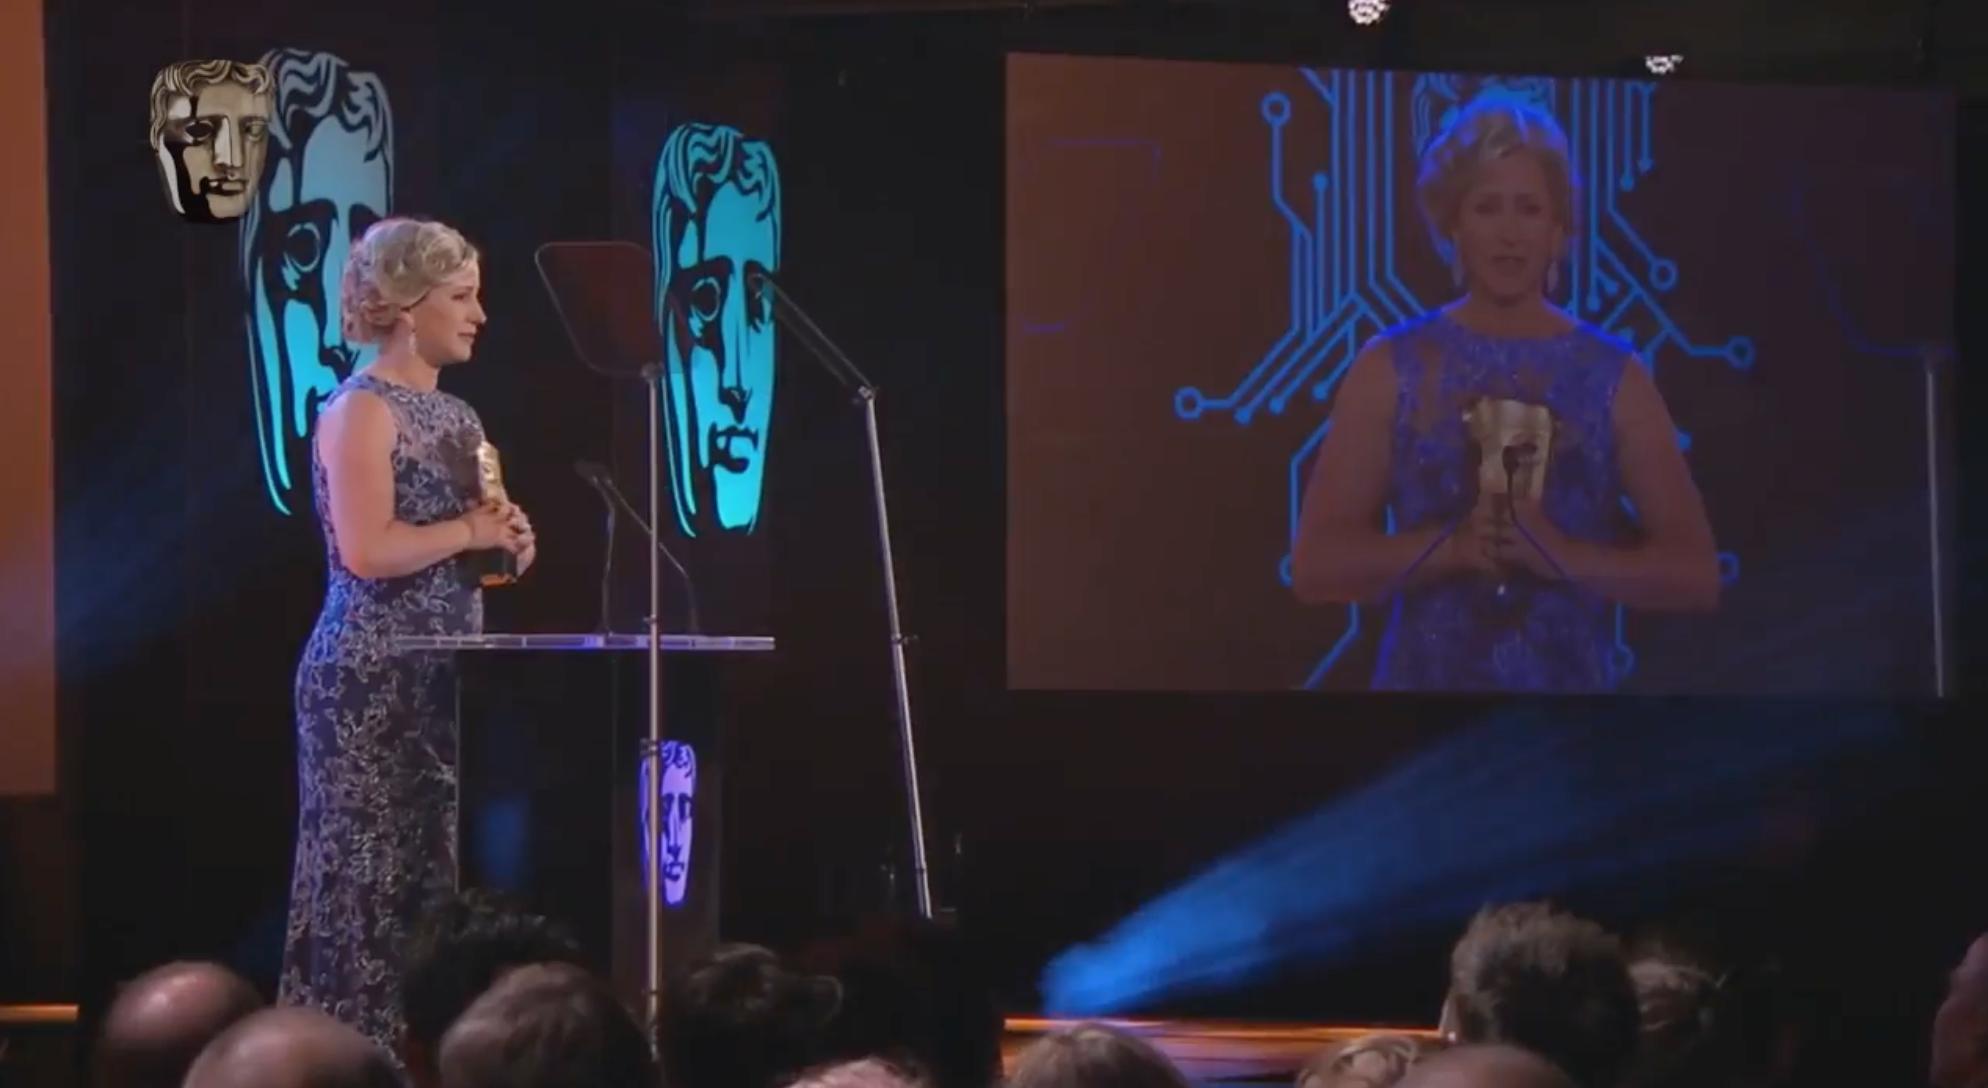 BAFTA_speech.jpg